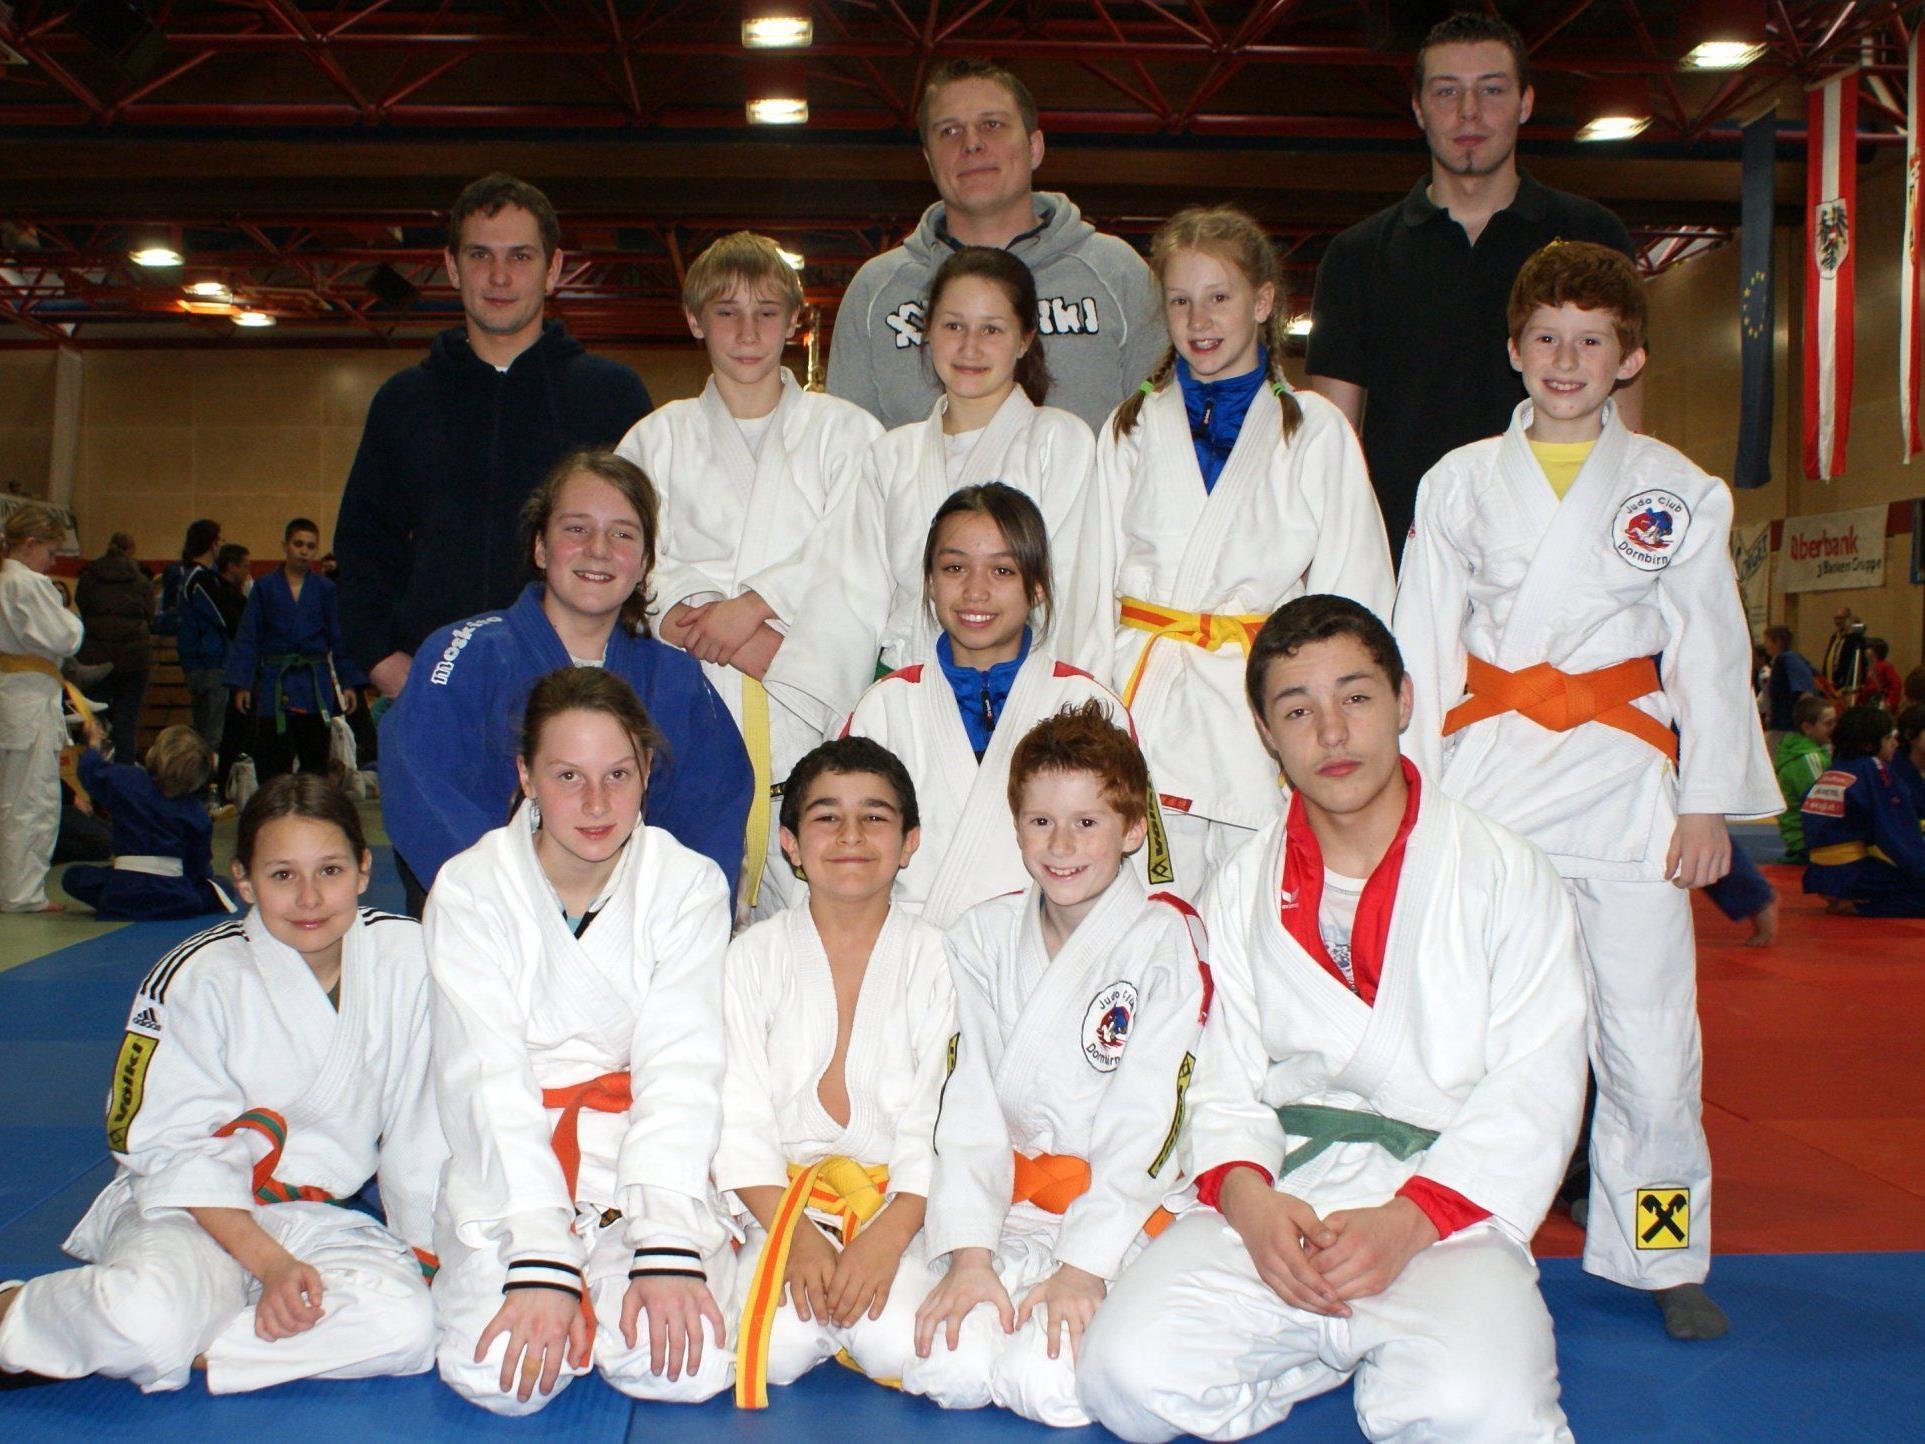 Vbg. Judoteam mit den Trainern Andreas Wieland, Patrick Rusch und David Böhler (vo li)